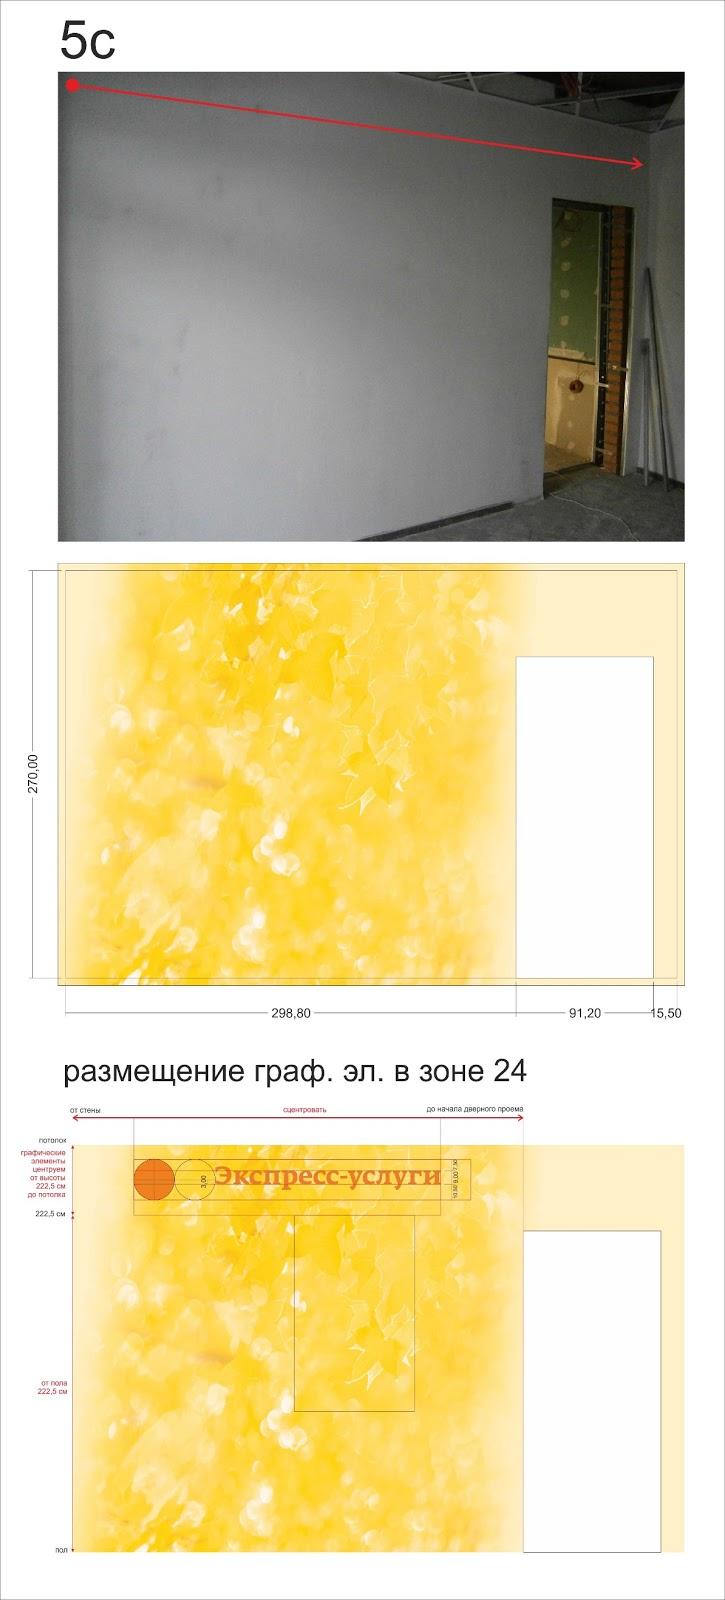 фотообои от графа: